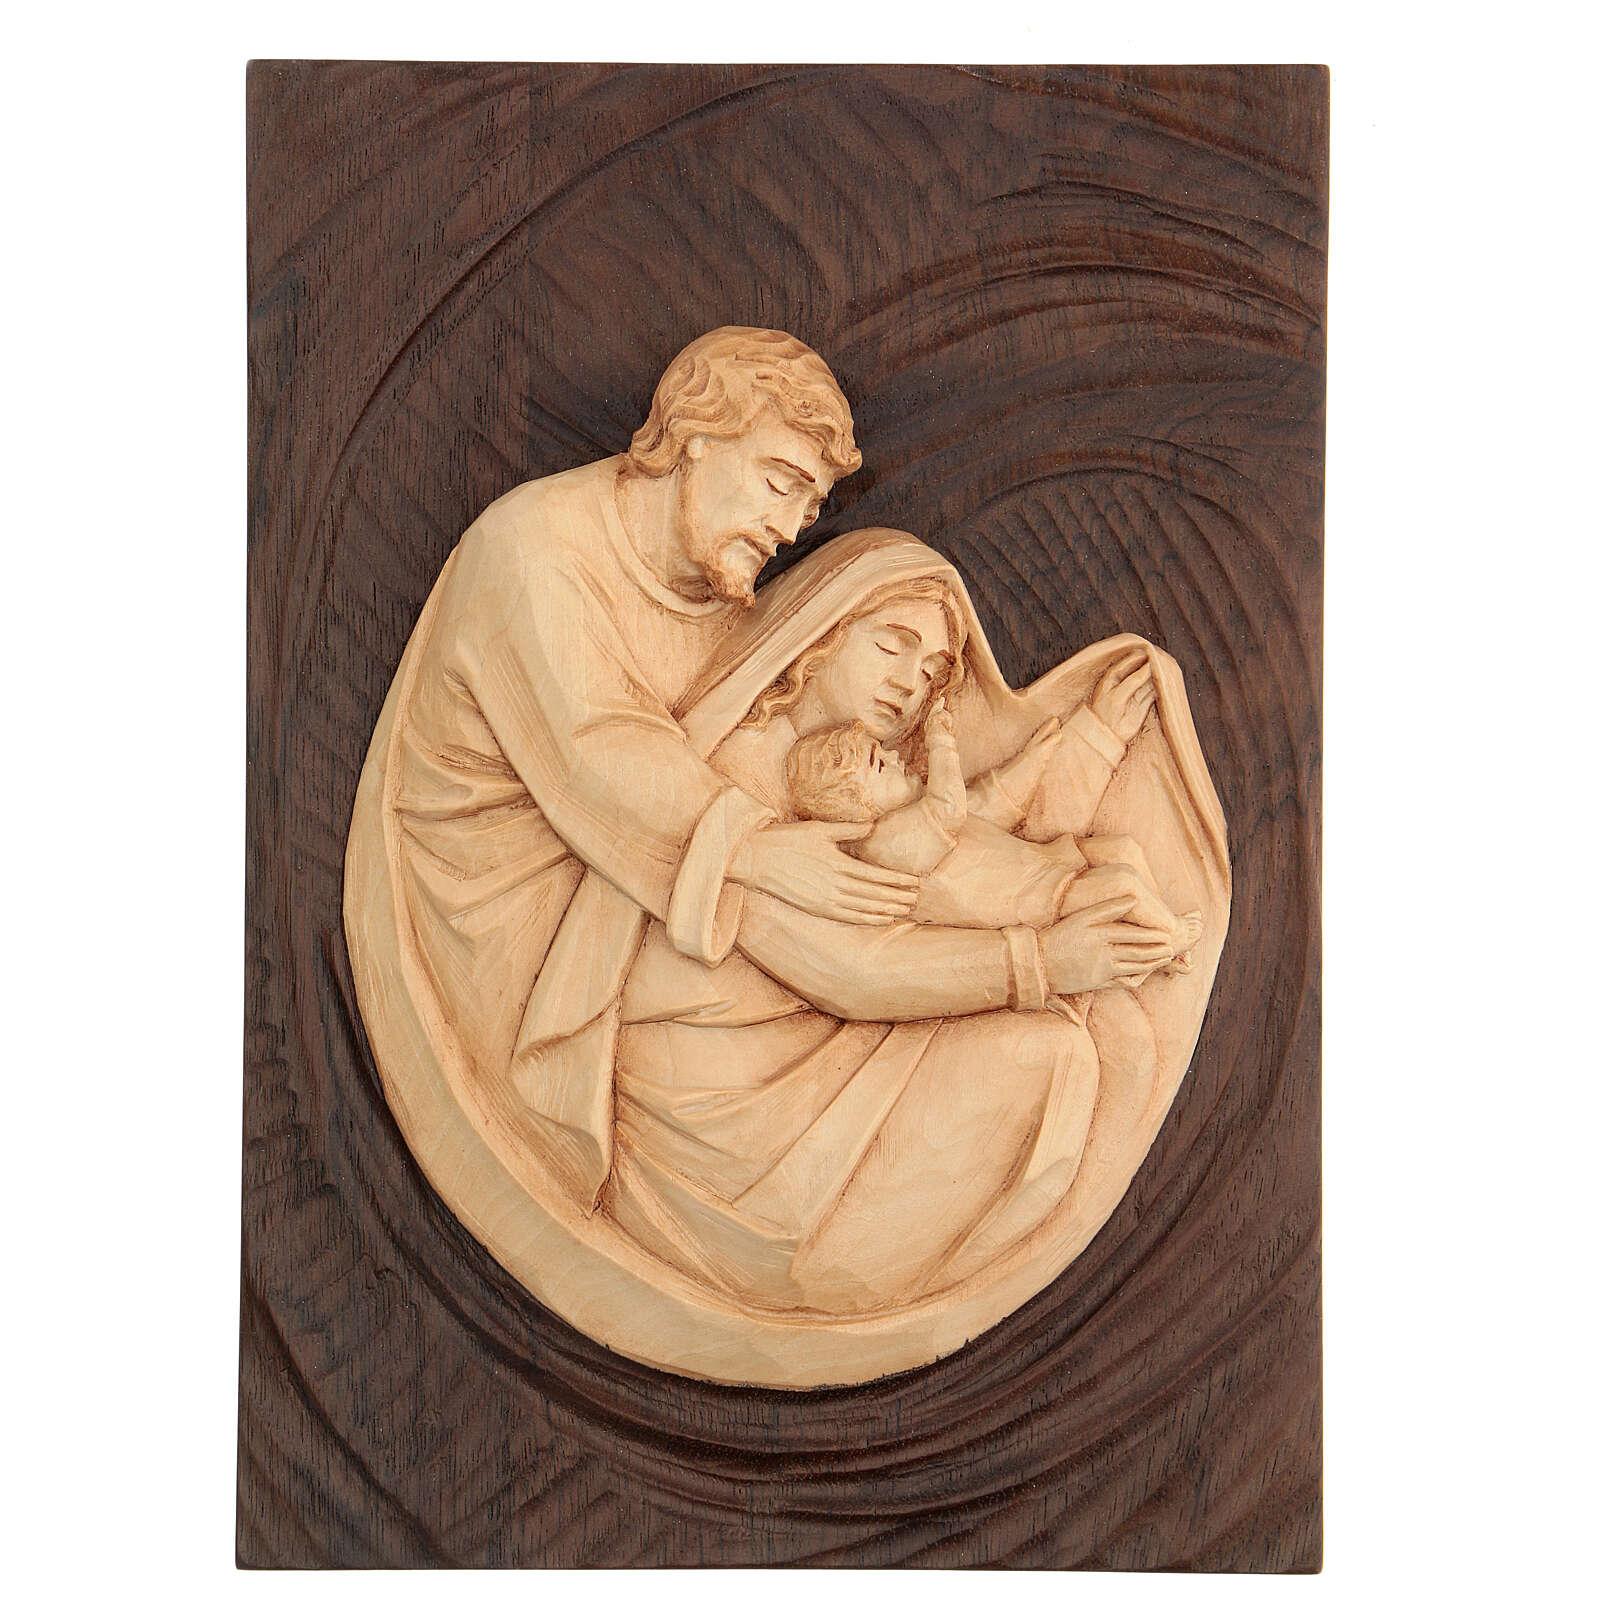 Baixo-relevo Sagrada Família em lenga e nogueira 30x20x5 cm Mato Grosso 4